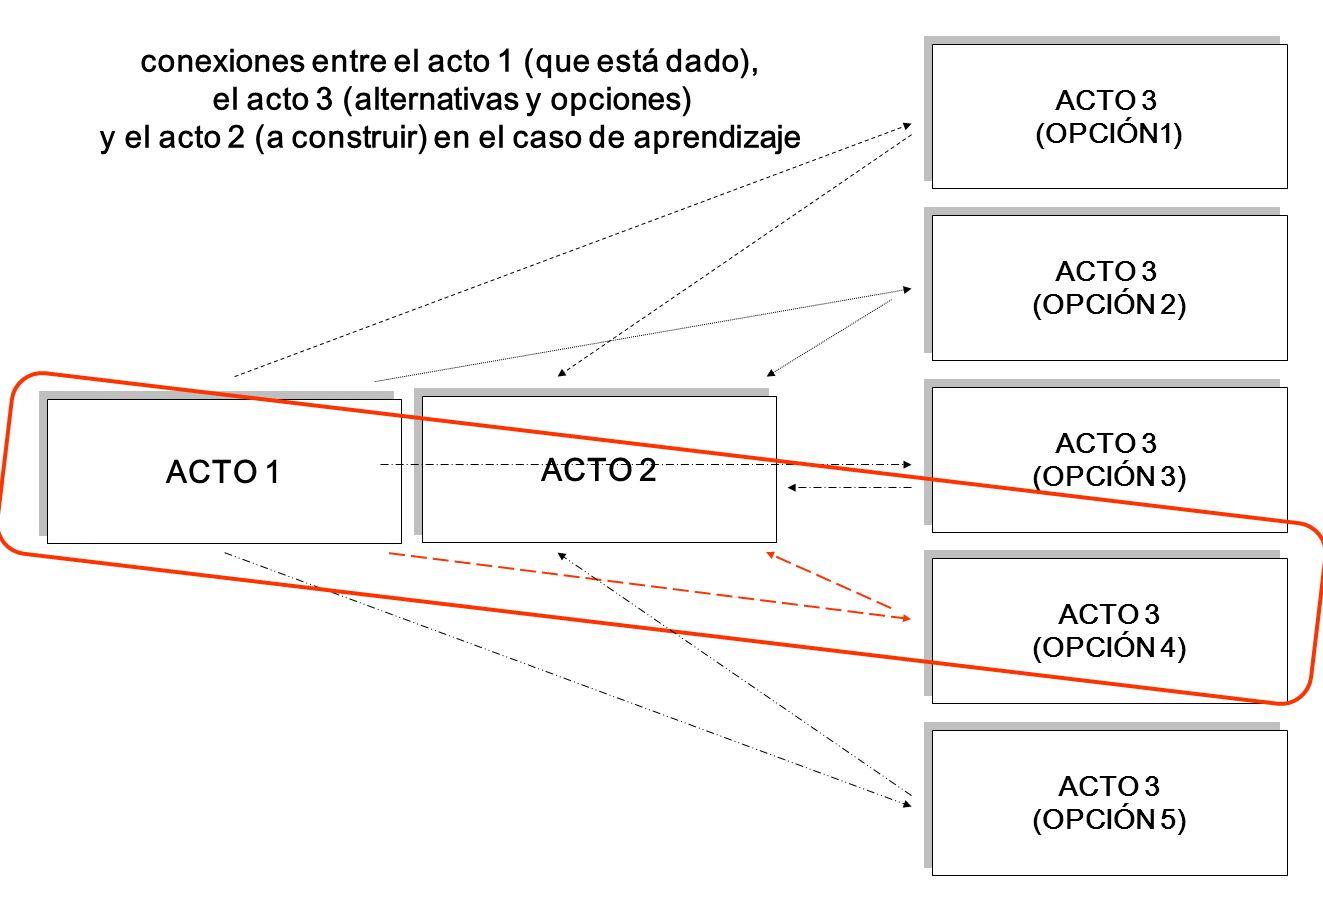 ACTO 1 ACTO 2 ACTO 3 (OPCIÓN 3) ACTO 3 (OPCIÓN 3) ACTO 3 (OPCIÓN 5) ACTO 3 (OPCIÓN 5) ACTO 3 (OPCIÓN 4) ACTO 3 (OPCIÓN 4) ACTO 3 (OPCIÓN 2) ACTO 3 (OP